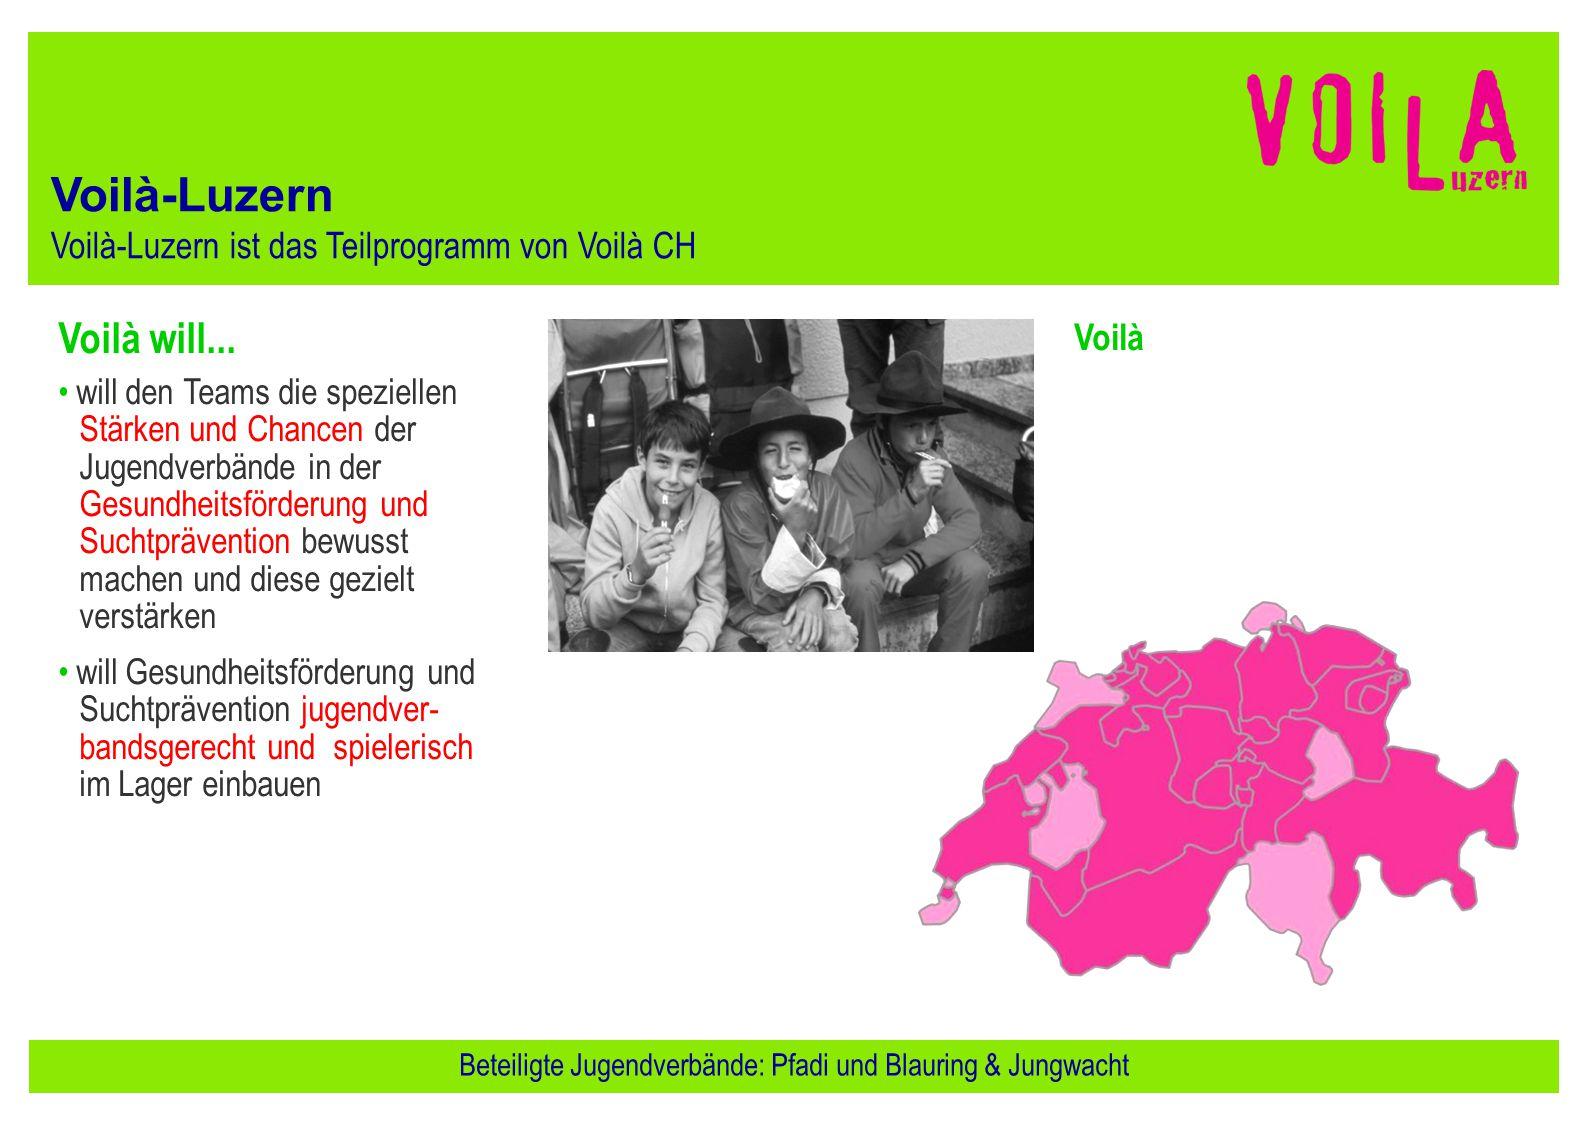 Voilà will... will den Teams die speziellen Stärken und Chancen der Jugendverbände in der Gesundheitsförderung und Suchtprävention bewusst machen und